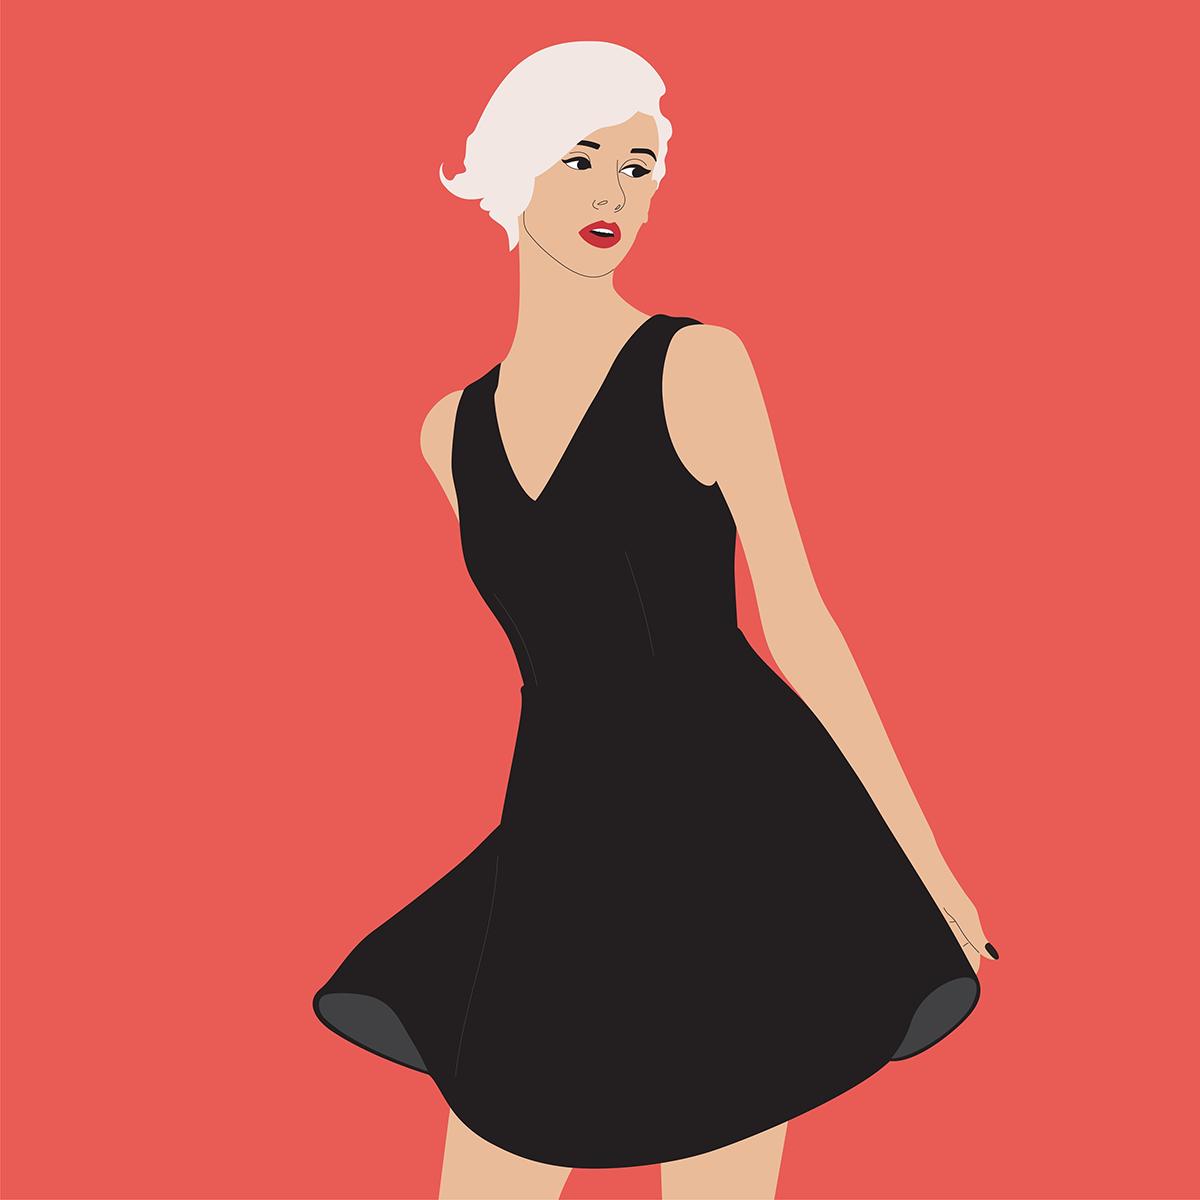 12 màu sắc trang phục tiết lộ tính cách bạn gái - 4